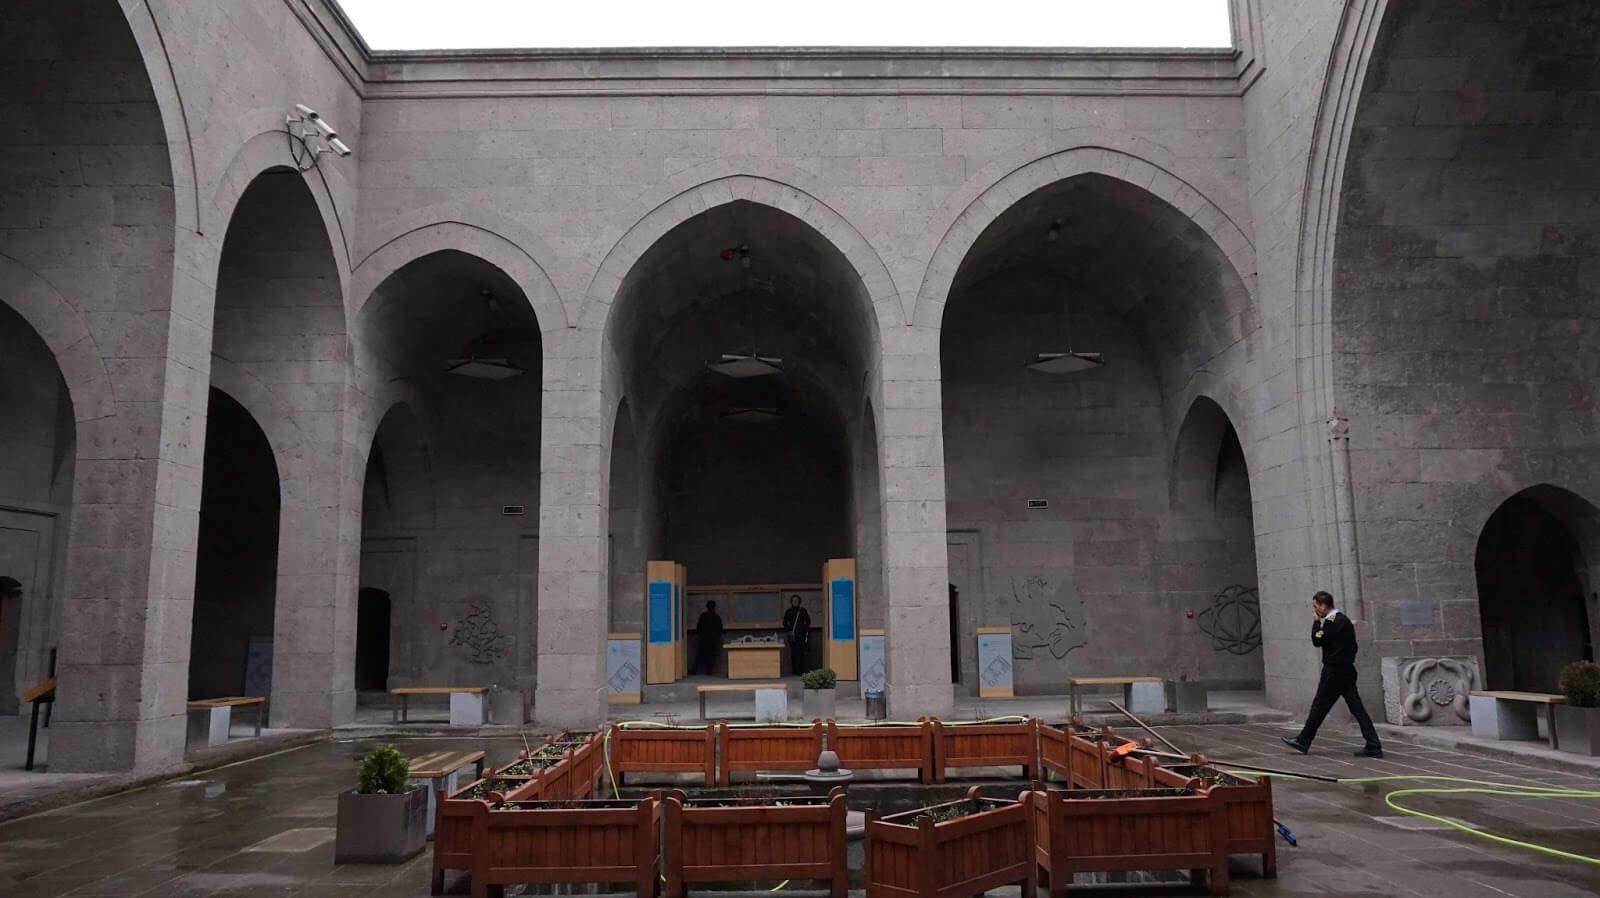 Kayseri Medical Museum